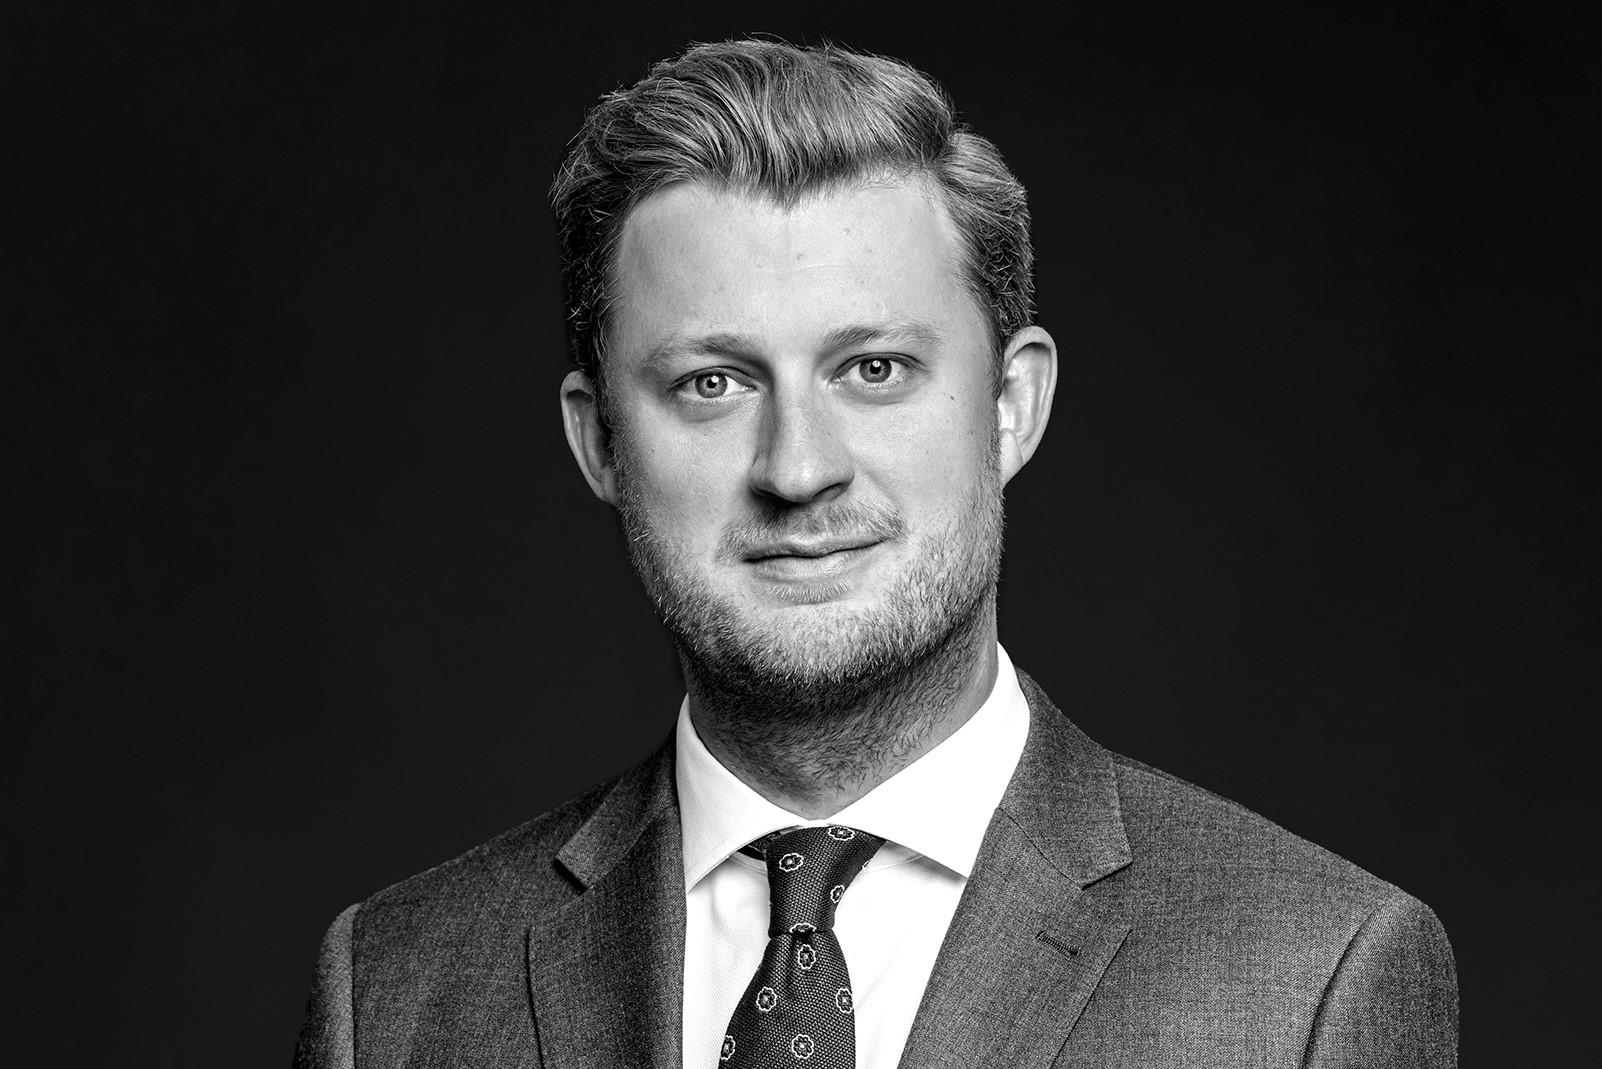 Frederik Schreurs